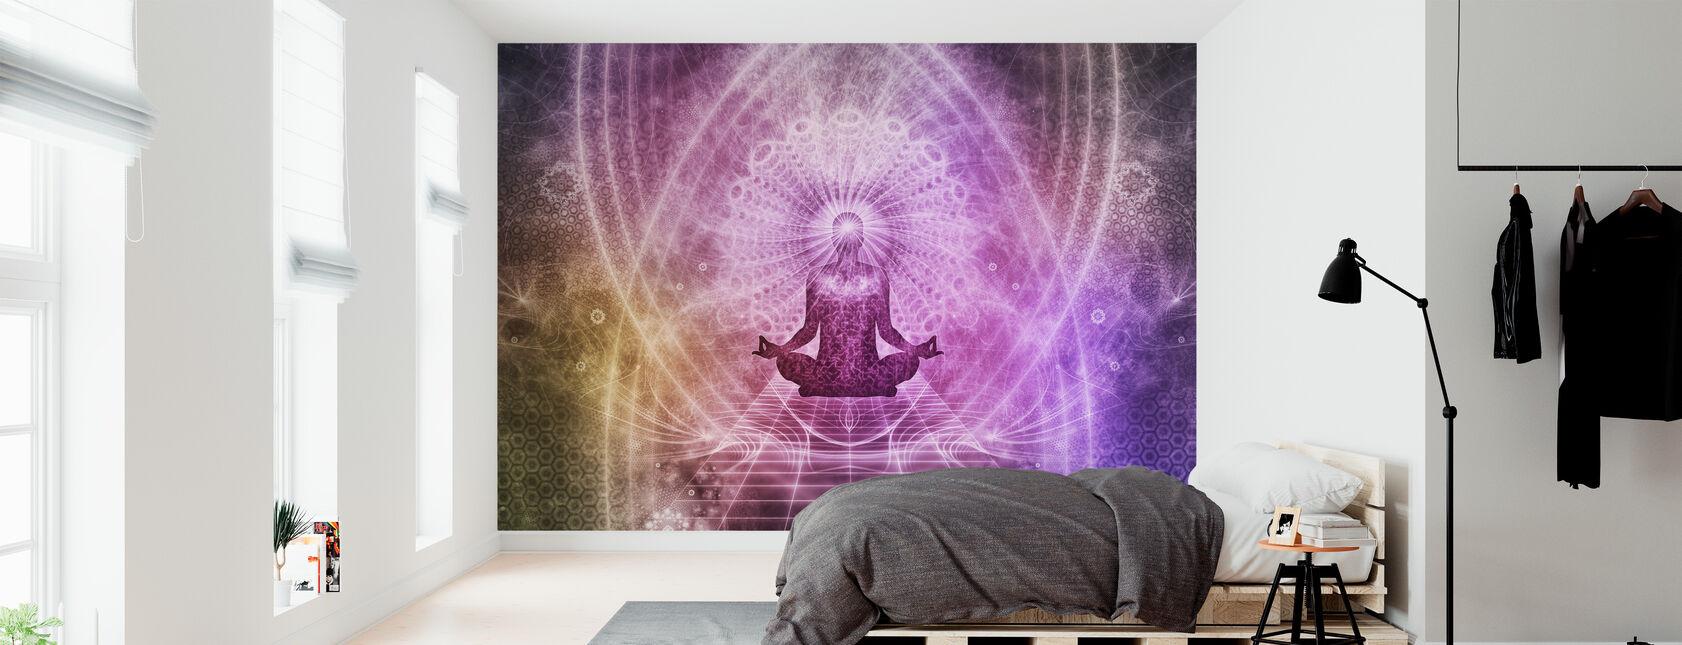 Henkinen meditaatio - Tapetti - Makuuhuone